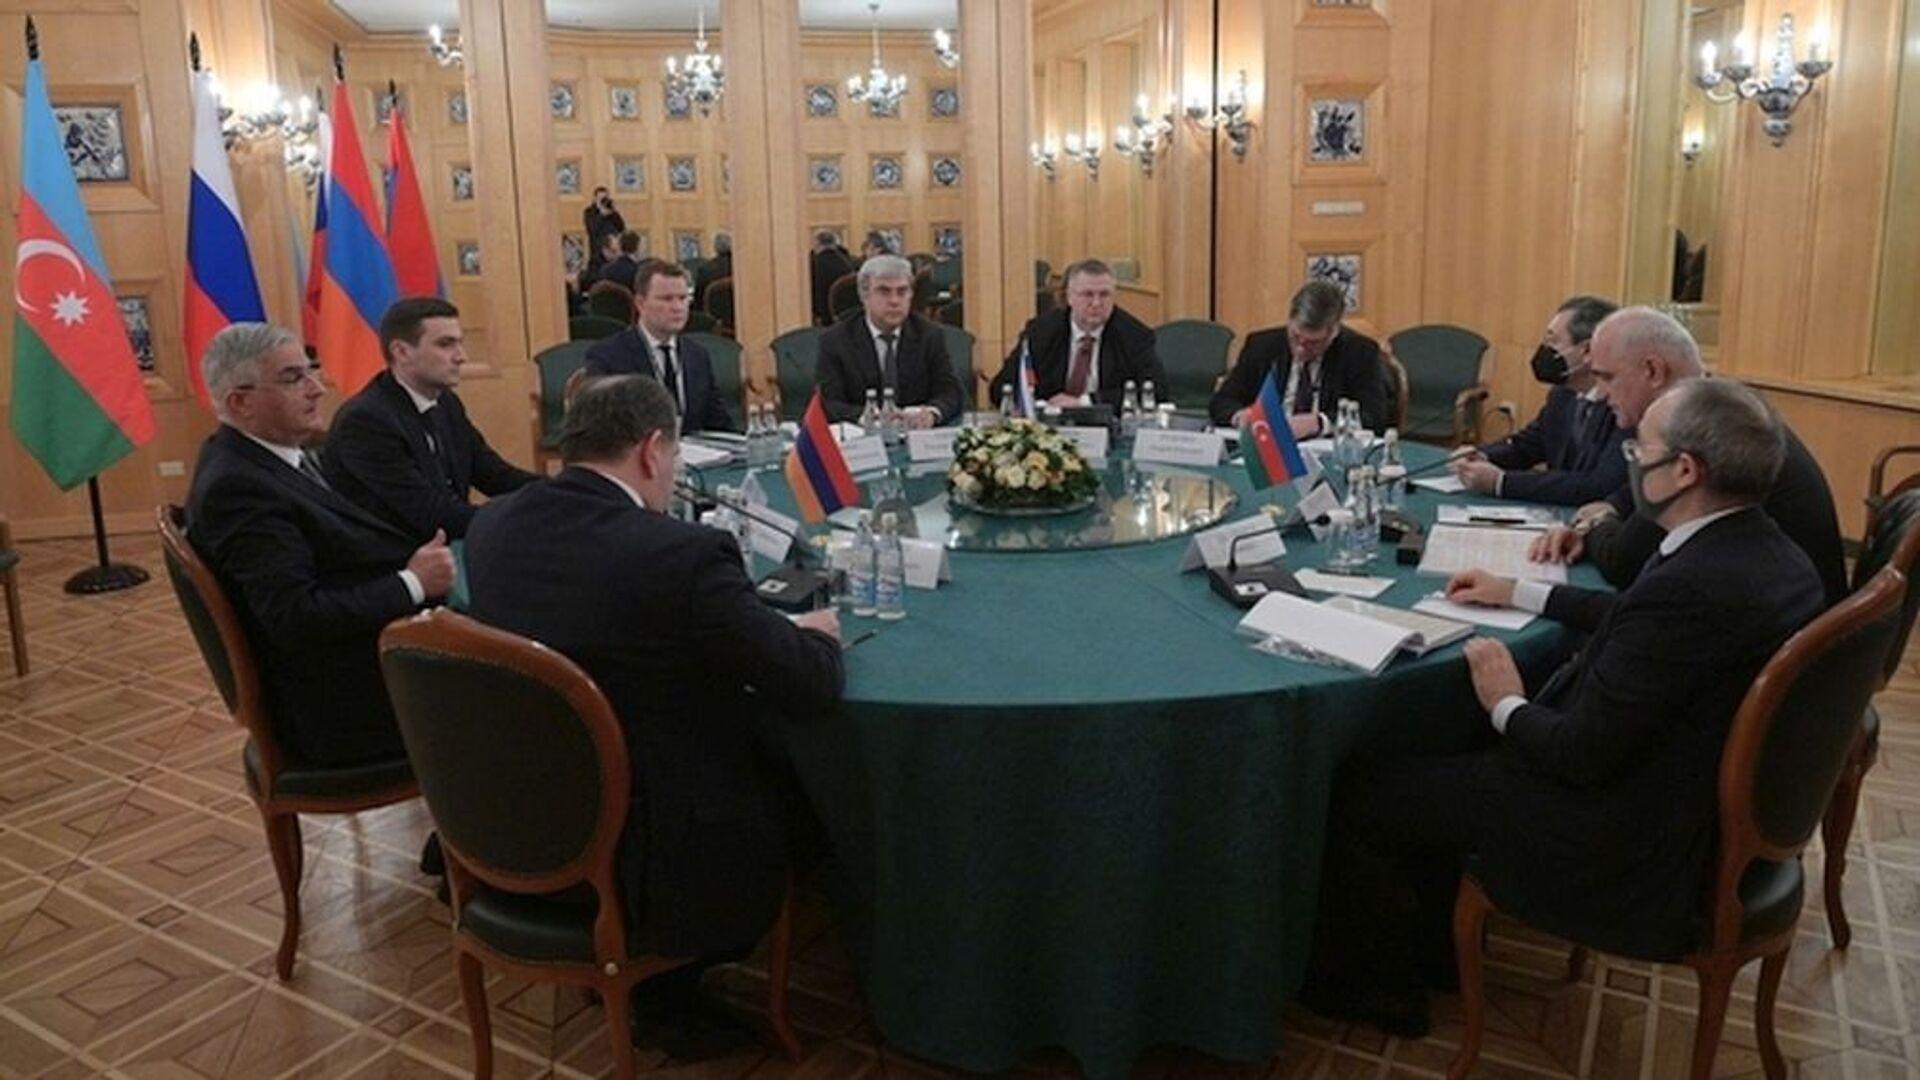 Заседание трёхсторонней Рабочей группы под совместным председательством вице-премьеров Армении, Азербайджана и России (30 января 2021). Москвa - Sputnik Азербайджан, 1920, 26.02.2021